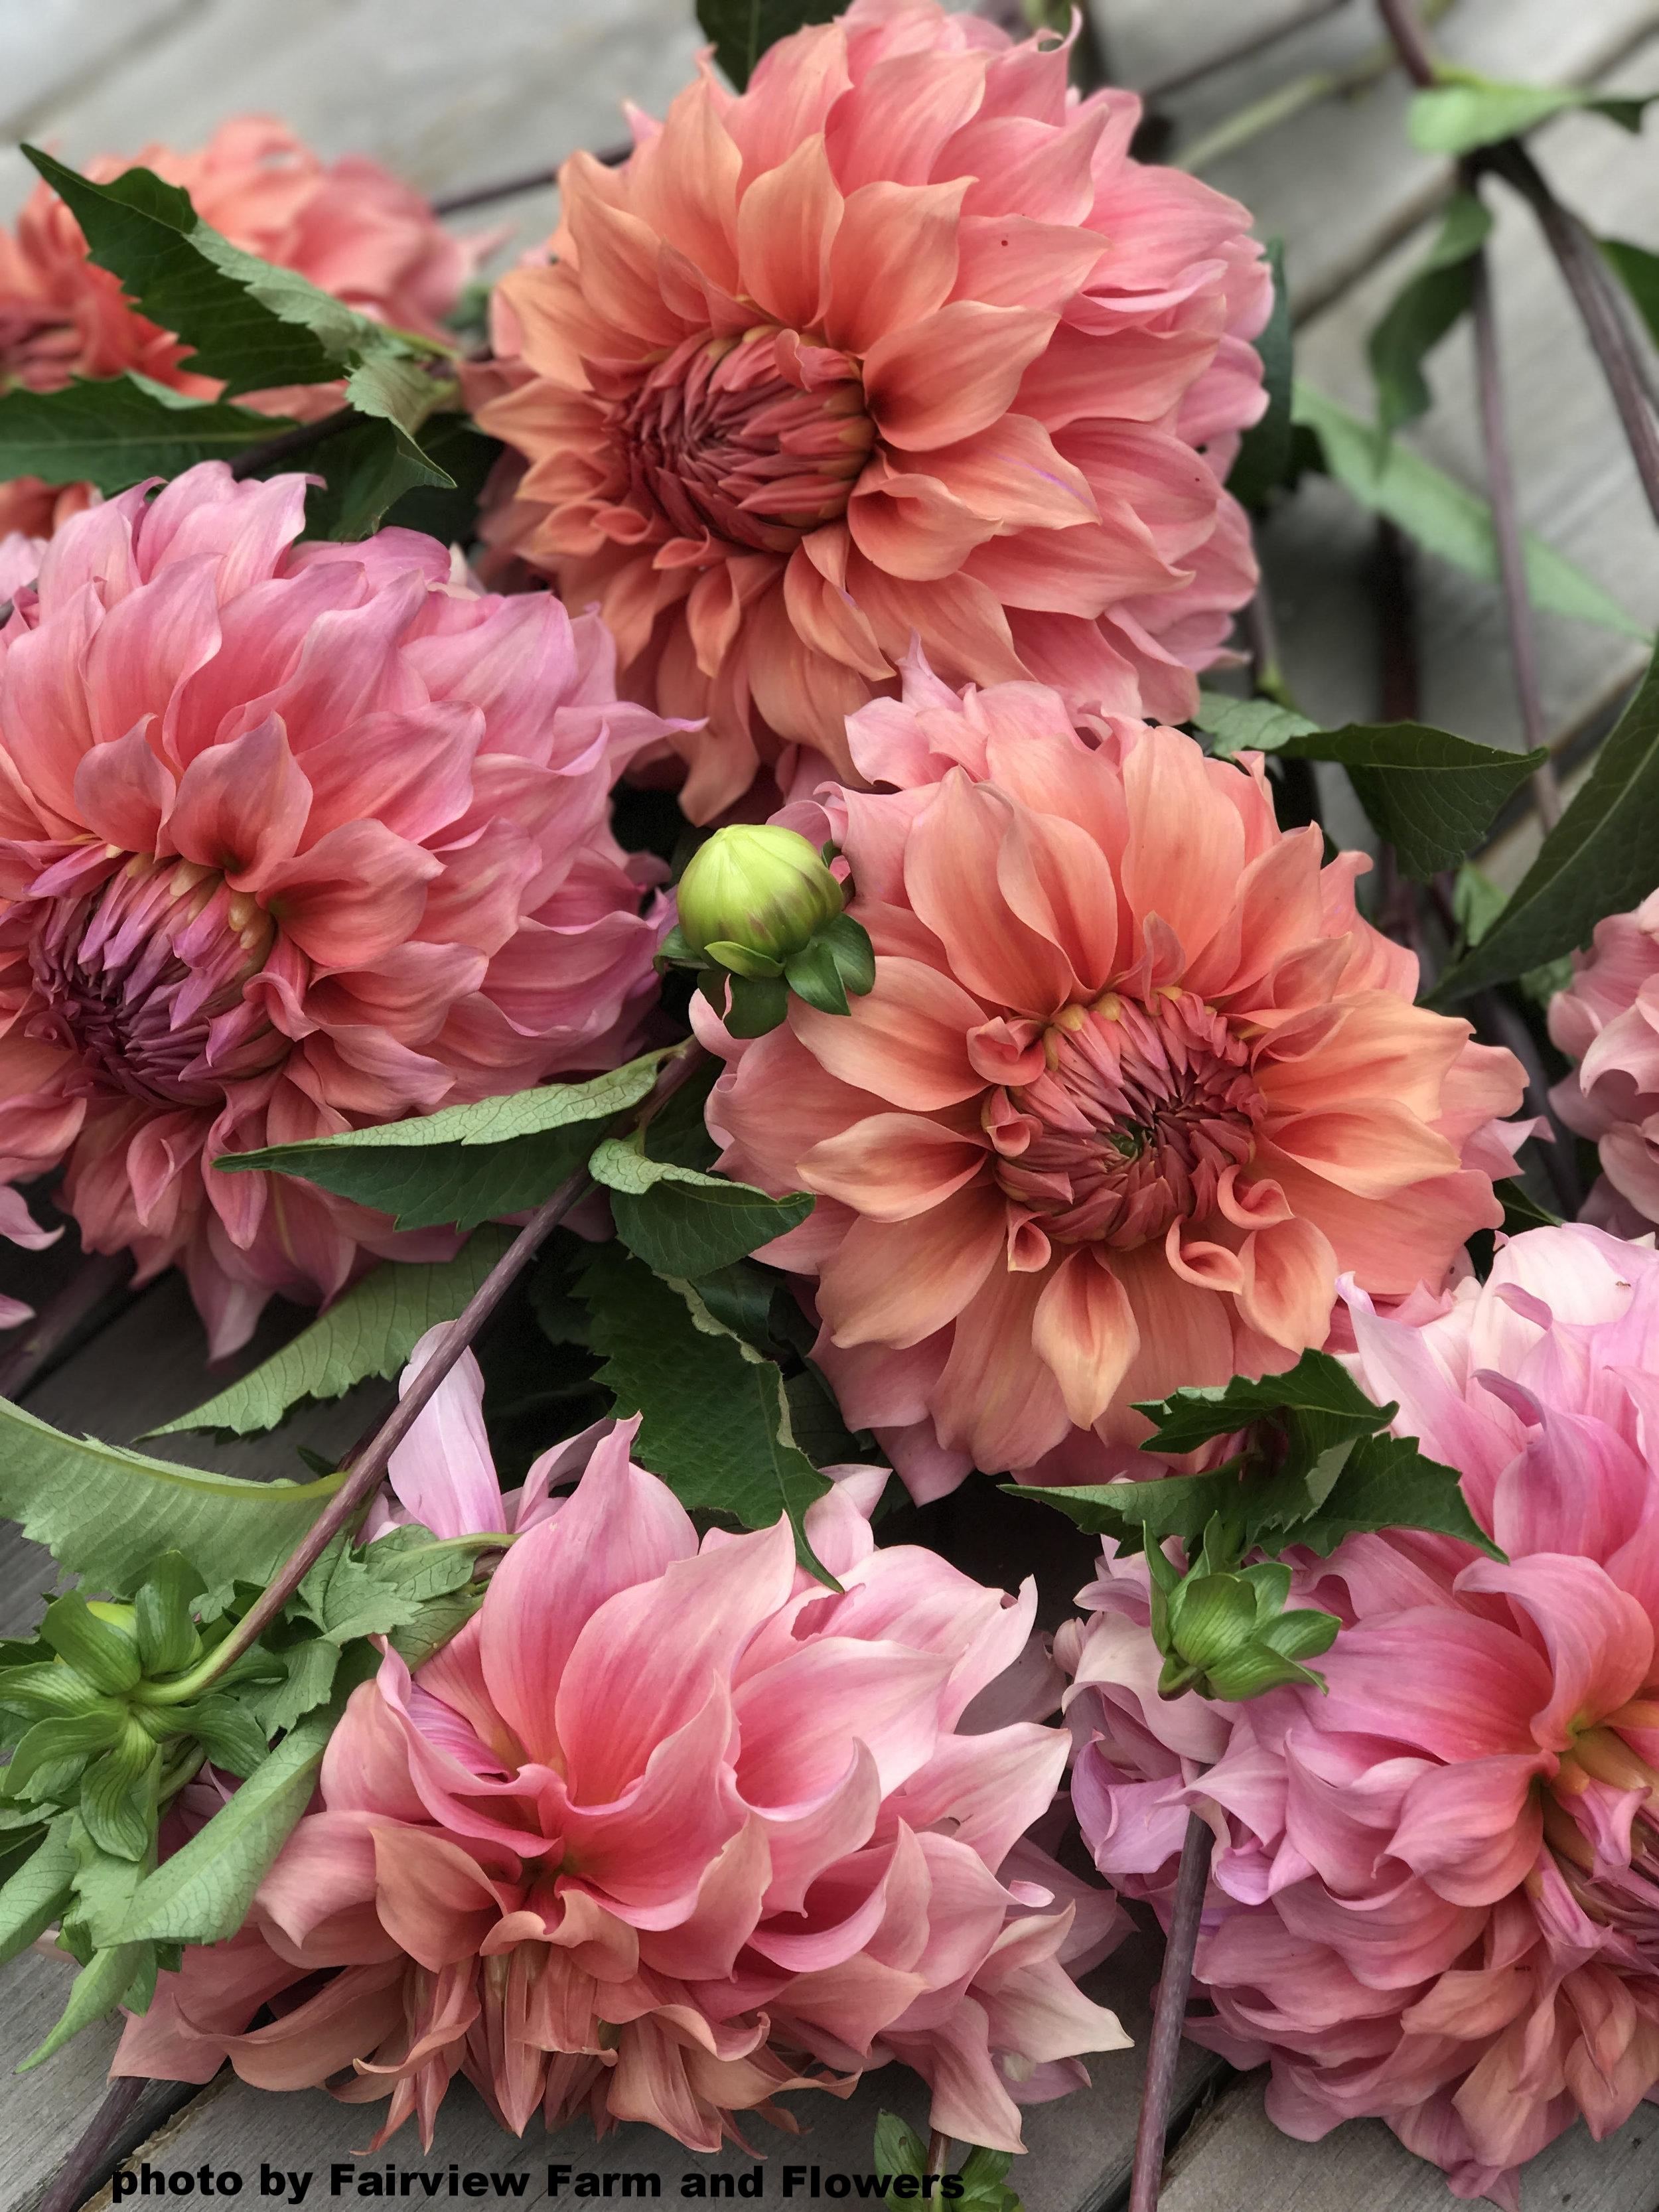 Fairview Farm and Flowers dahlia.jpg